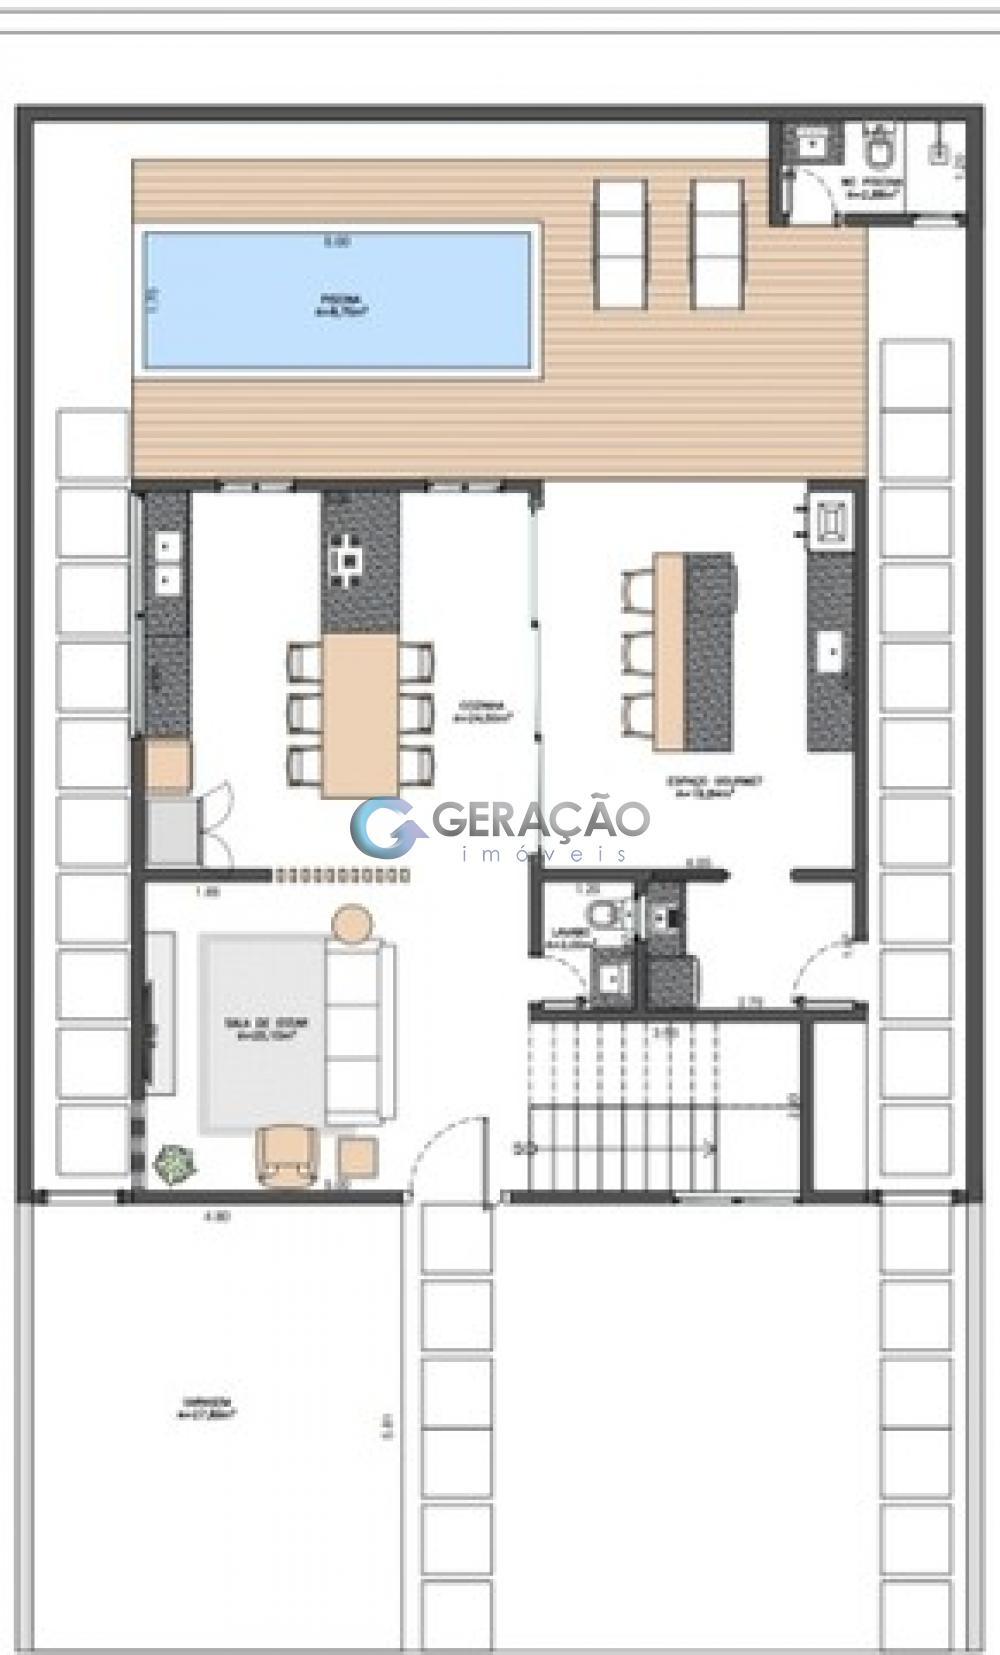 Comprar Casa / Condomínio em São José dos Campos R$ 1.224.000,00 - Foto 4